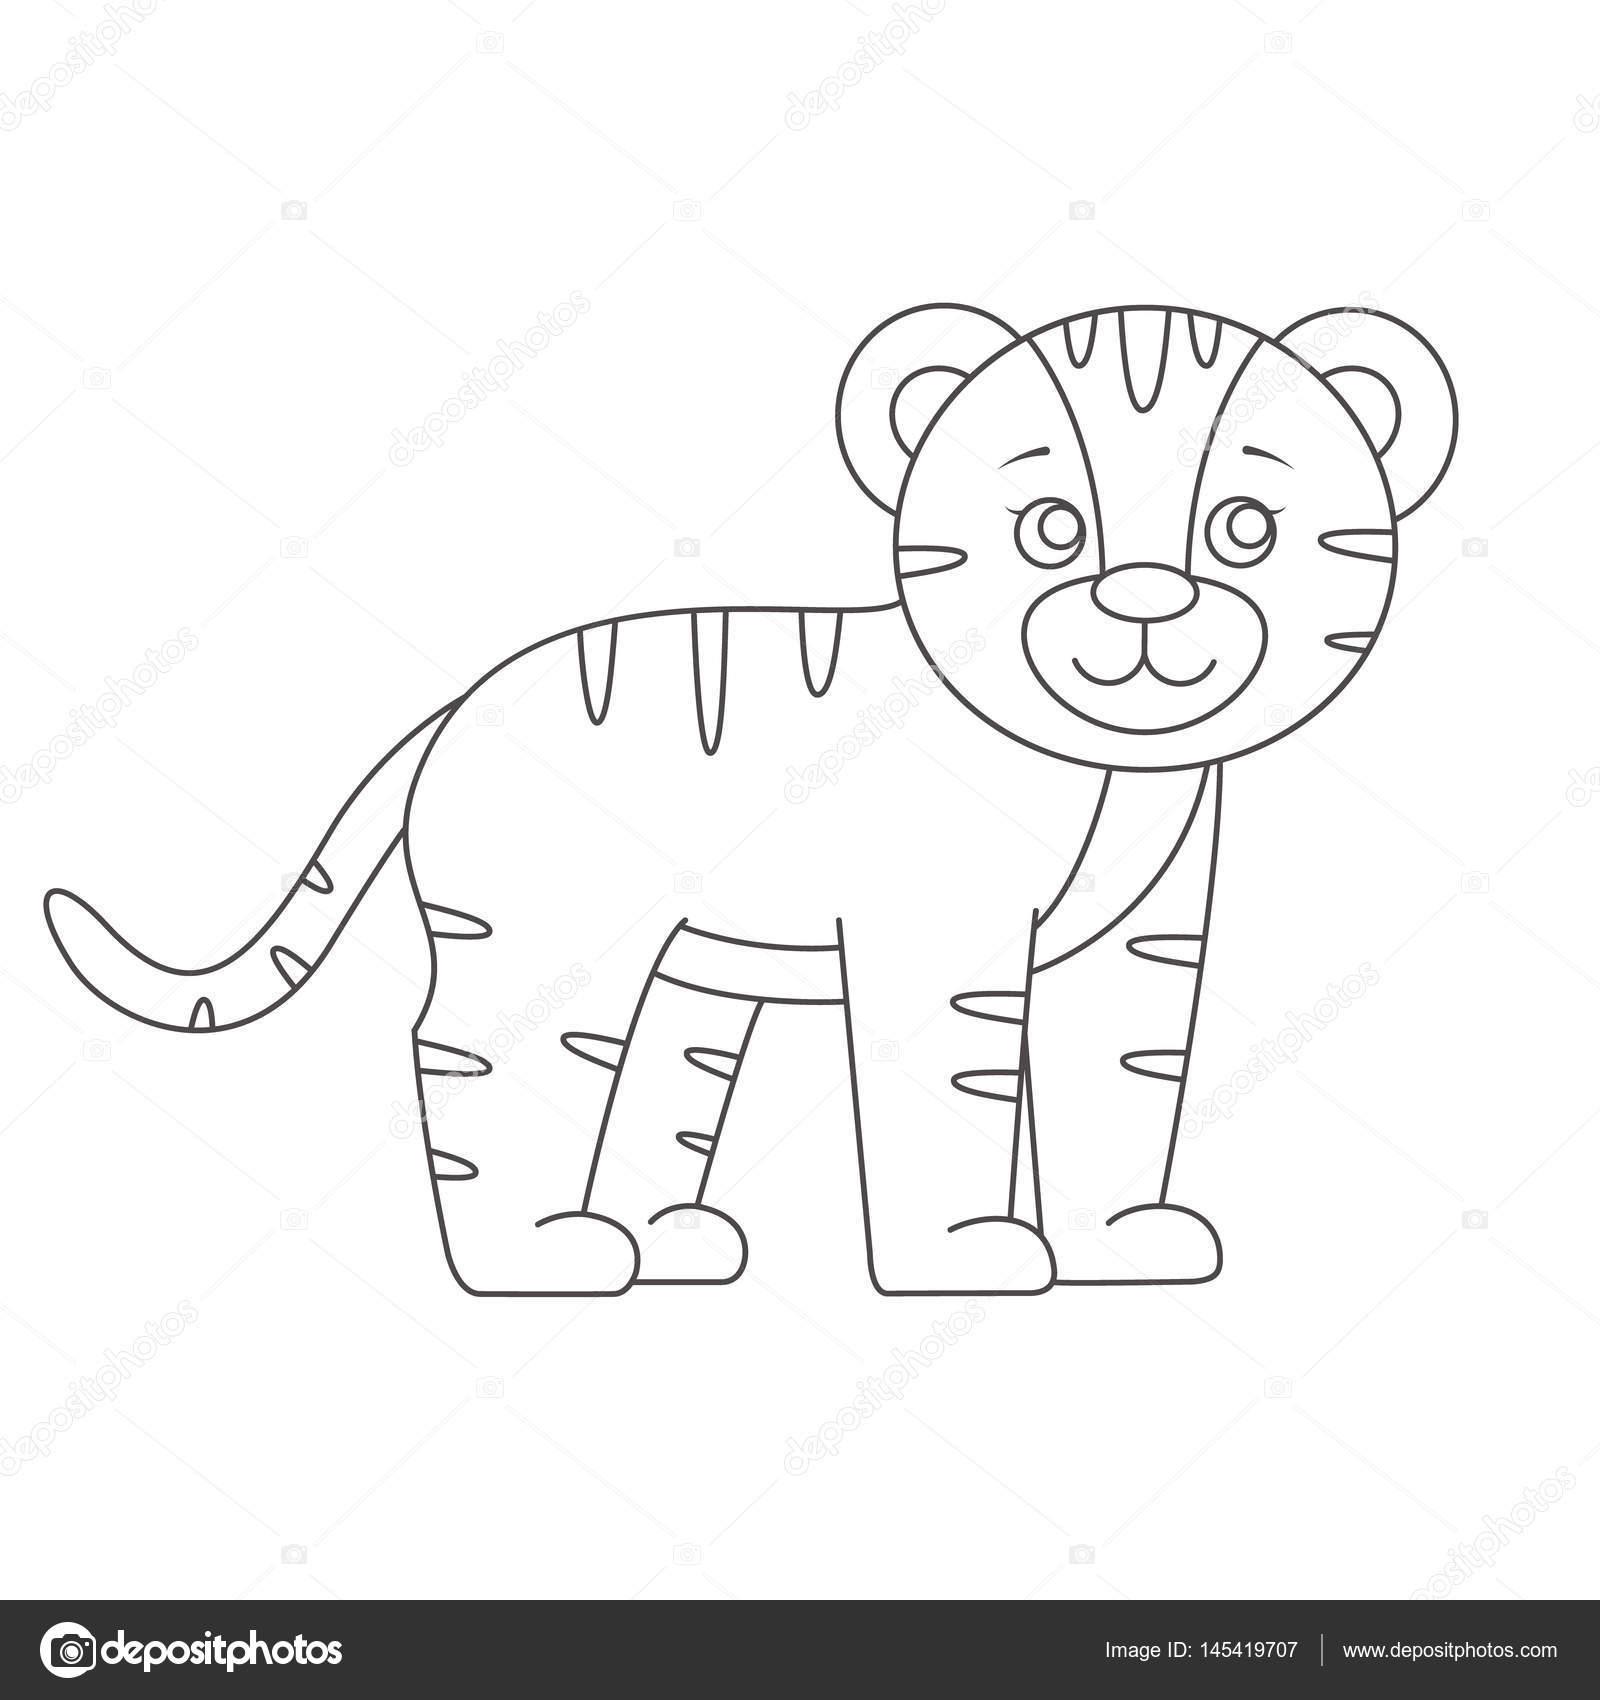 tigre para colorear libro vector de stock romalka 145419707